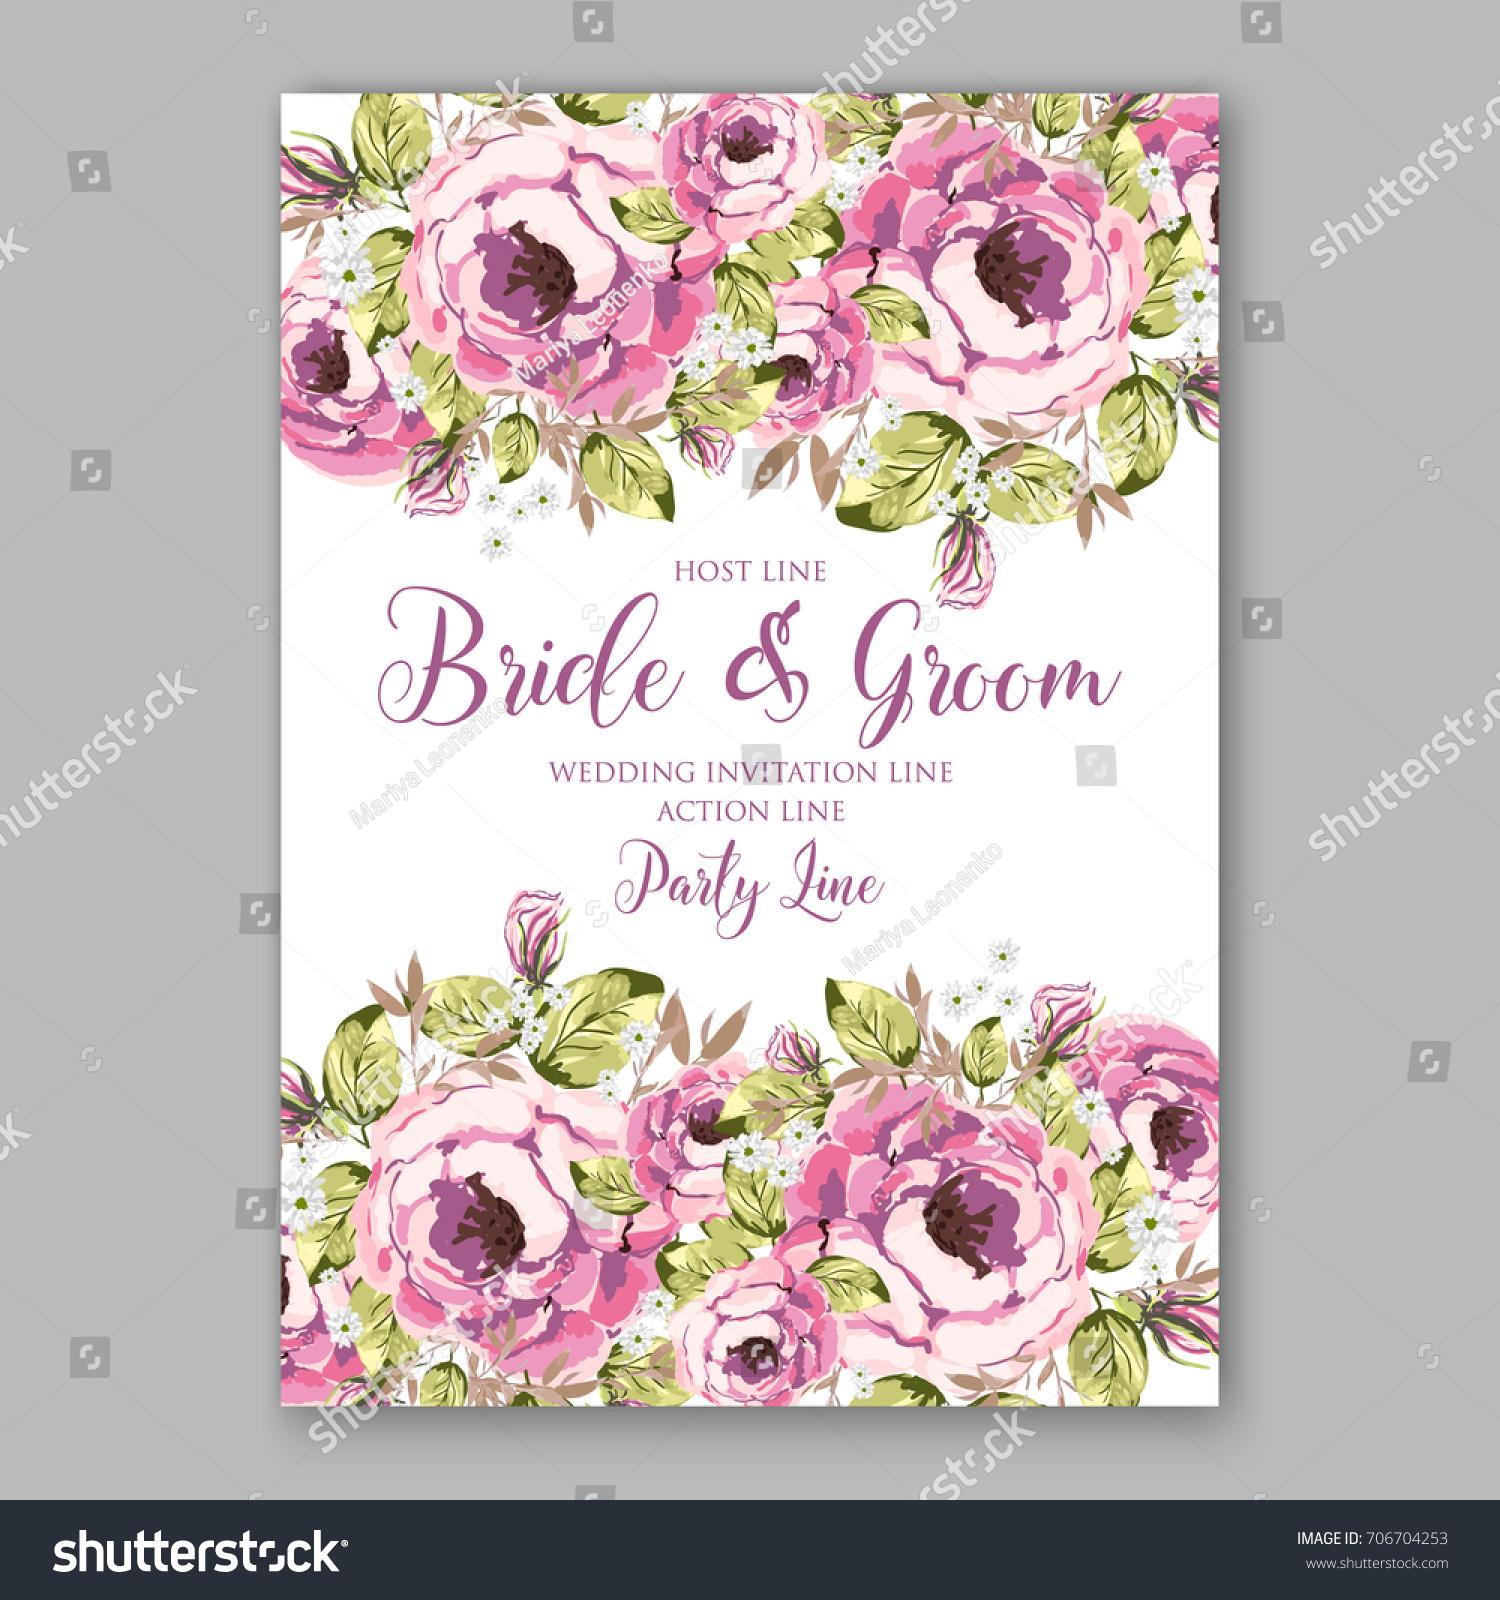 ranunculus daisy peony floral wreath wedding stock vector royalty